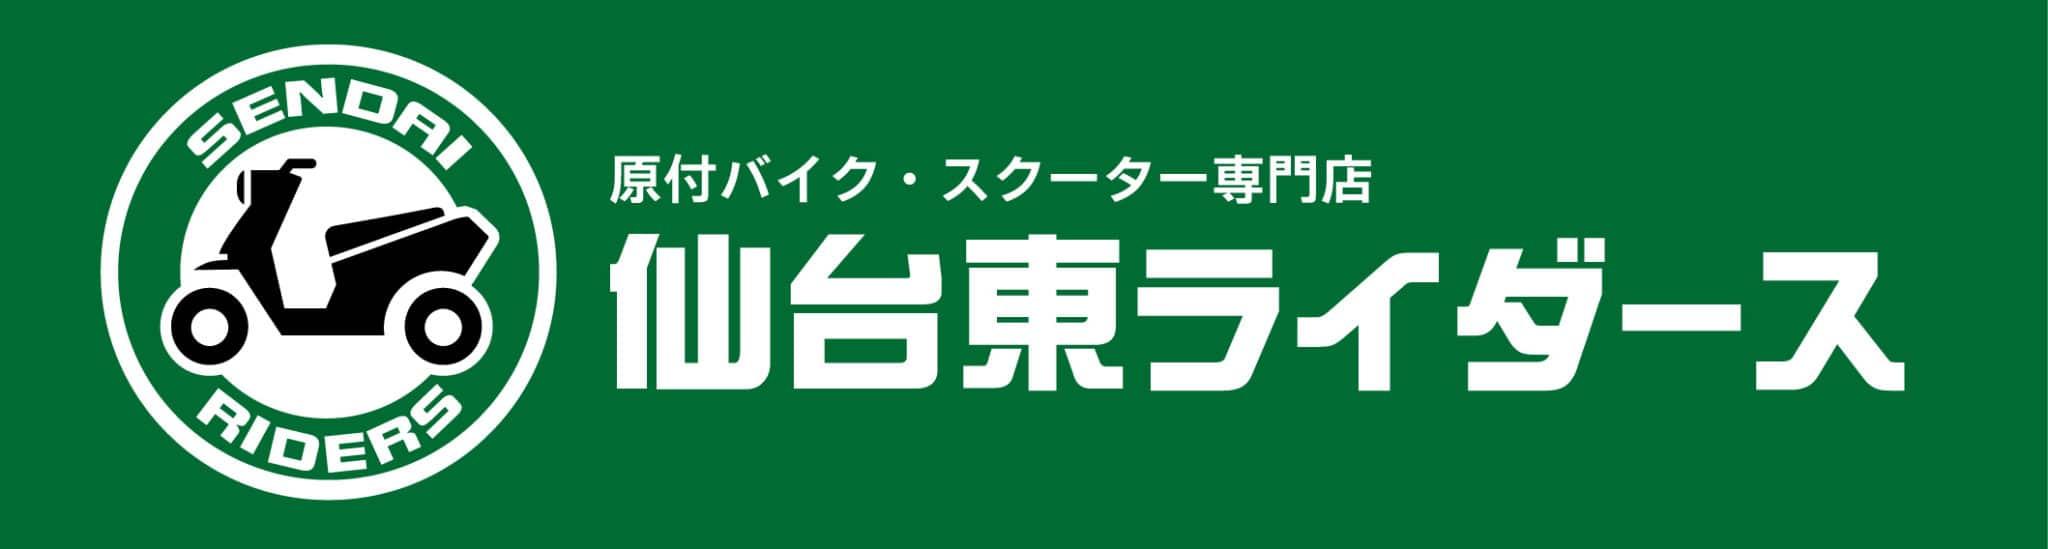 原付バイク専門店 仙台東ライダースロゴ